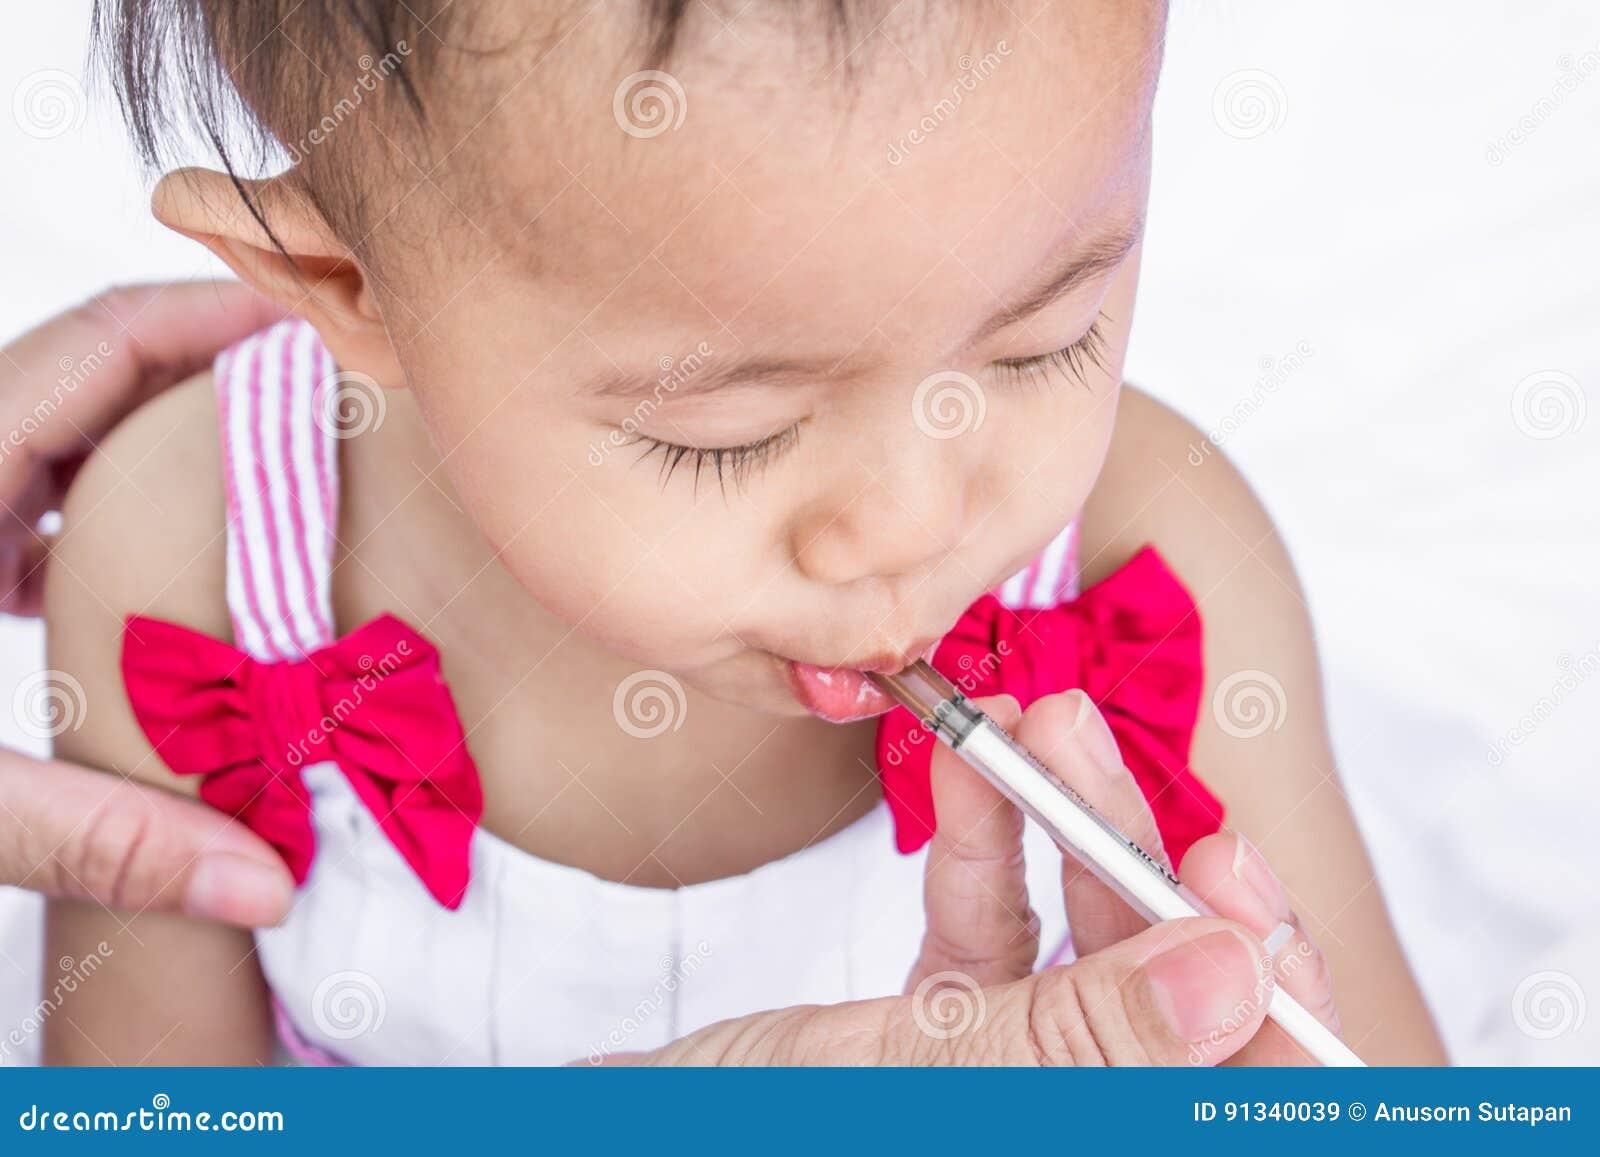 Bambino che si alimenta con la medicina liquida con una siringa